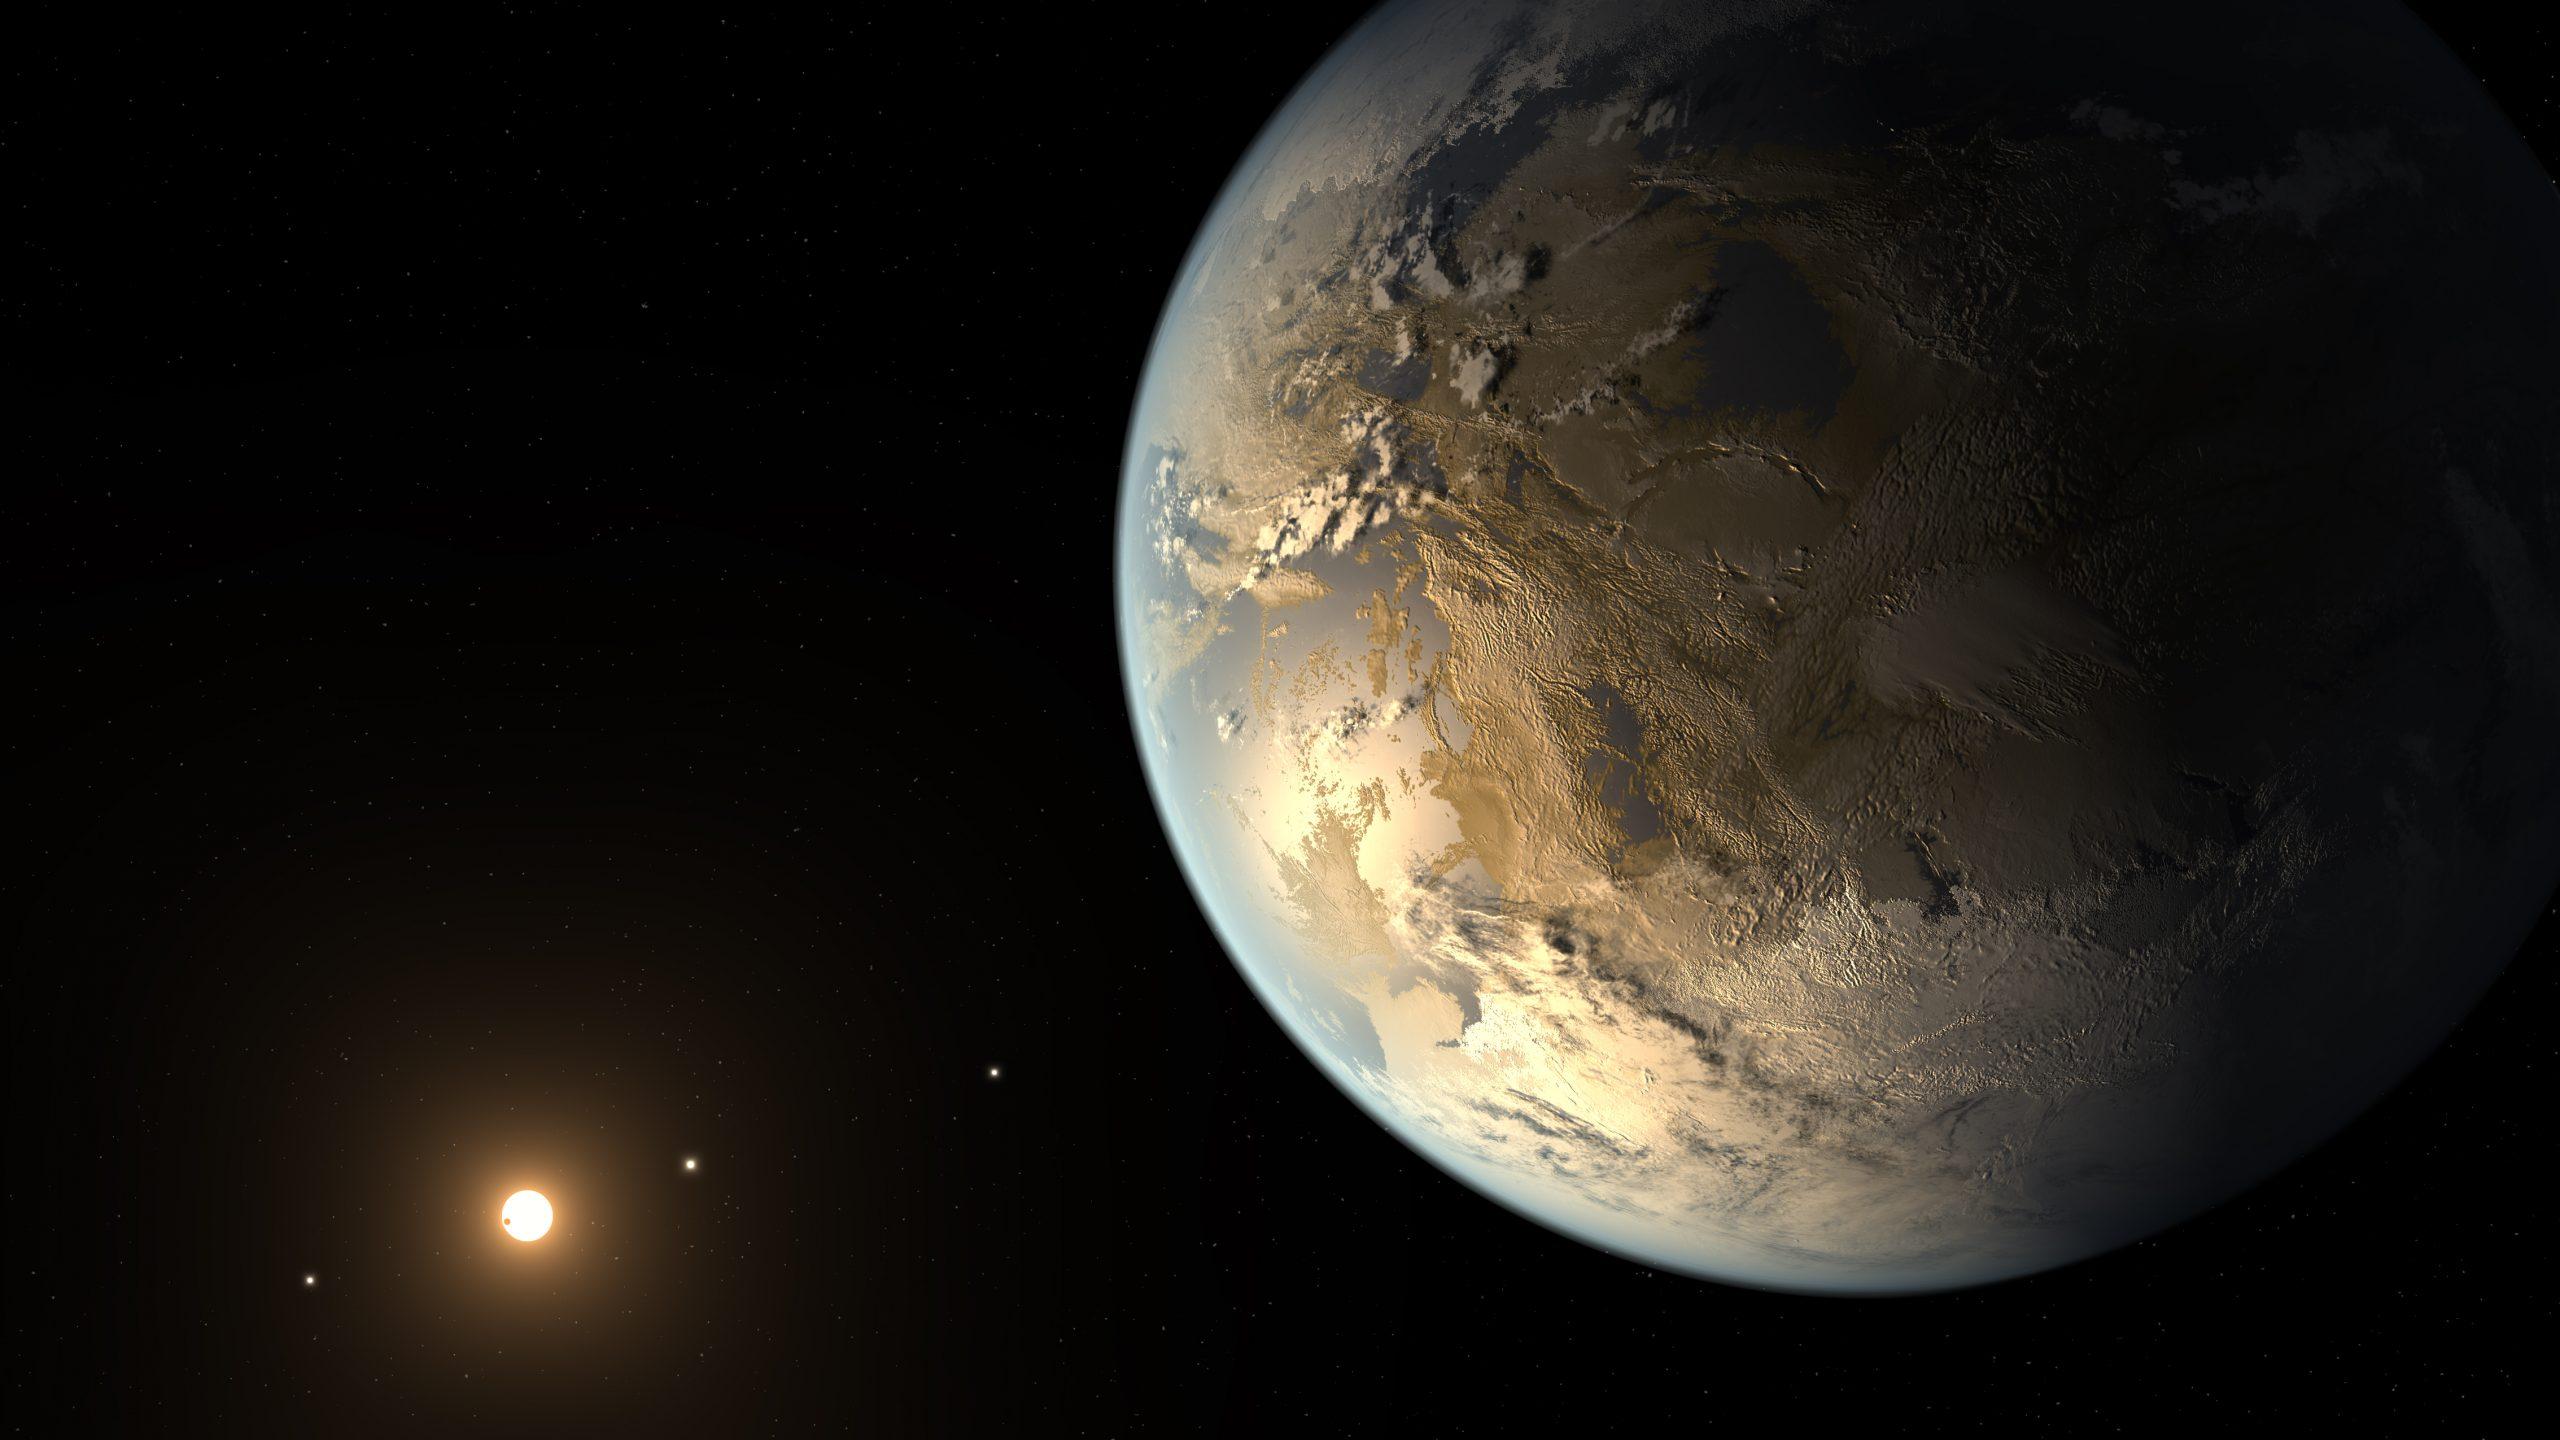 """""""Ein paar Grad wärmer wäre besser"""": Astronomen finden 24 super-lebensfreundliche Planeten"""